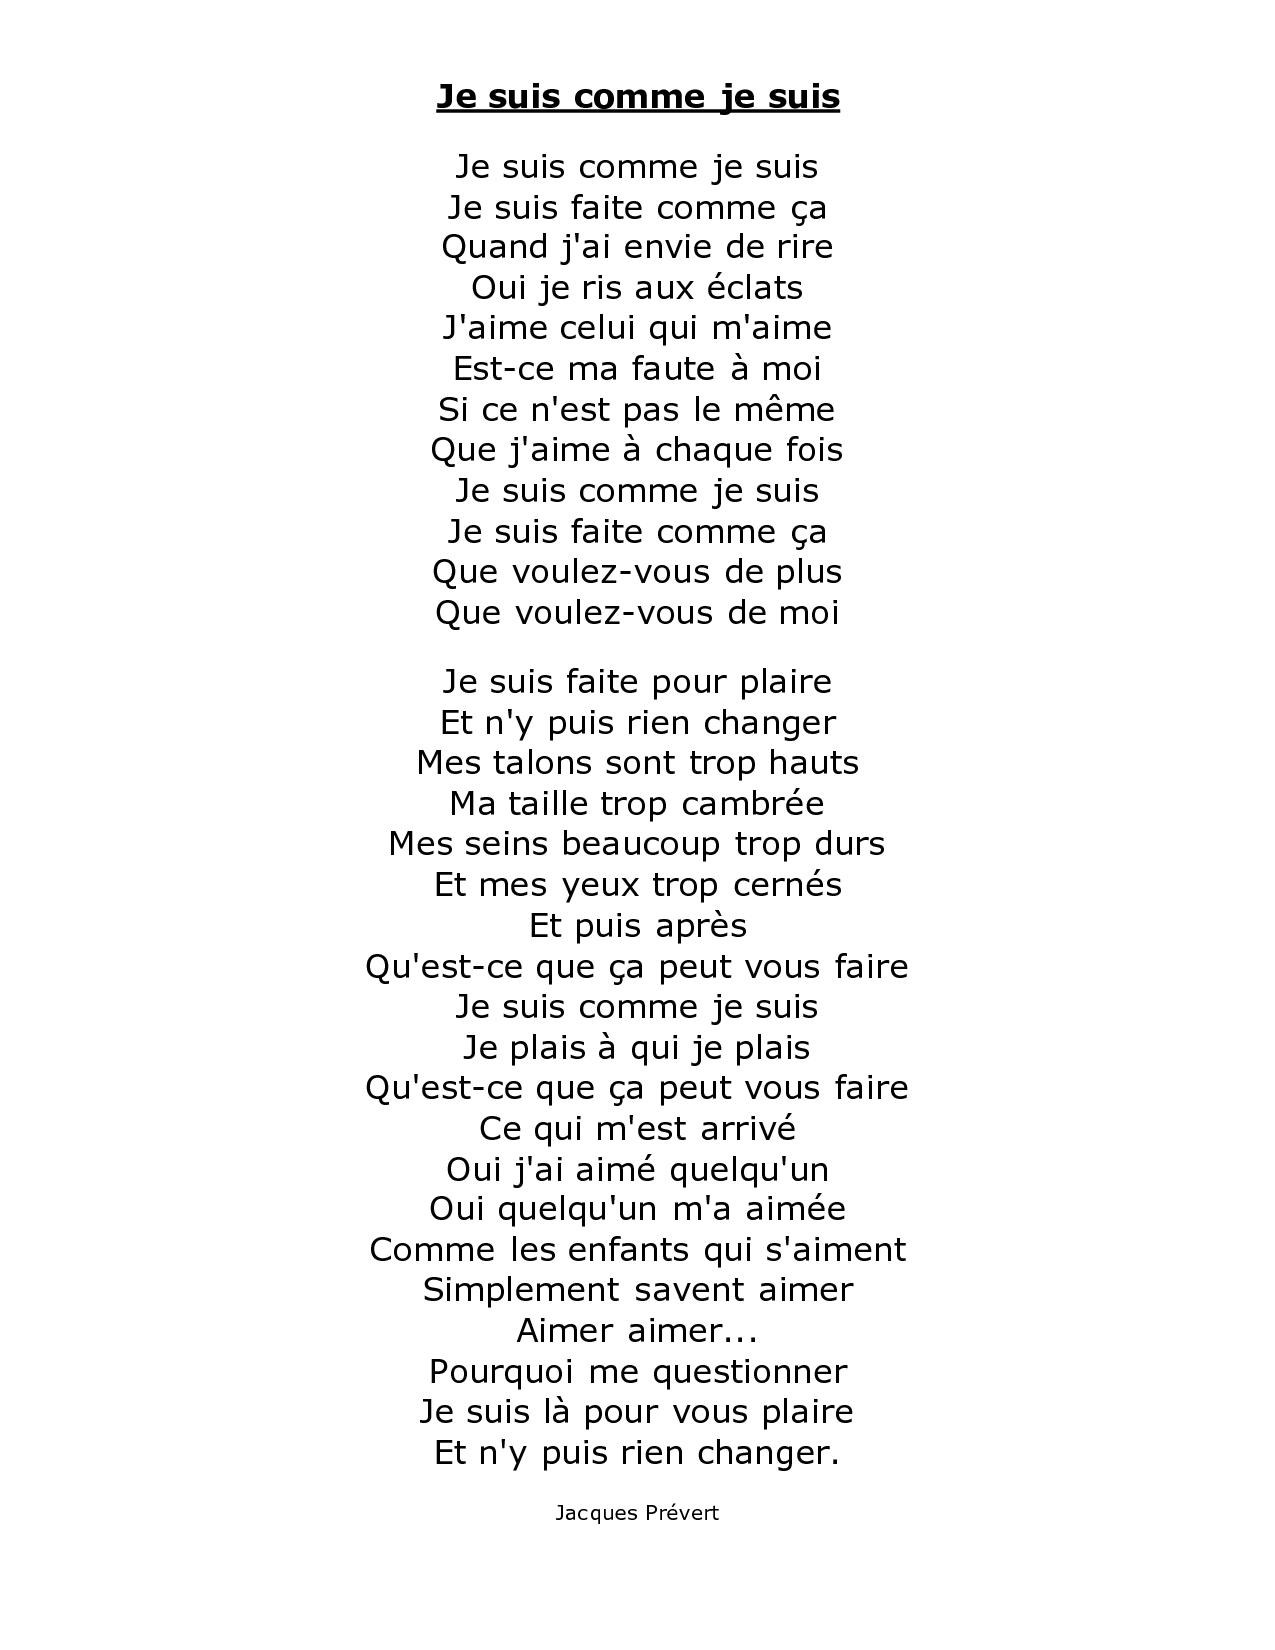 Je Suis Comme Je Suis By Jacques Prevert (Avec Images pour Poeme De Jacque Prevert